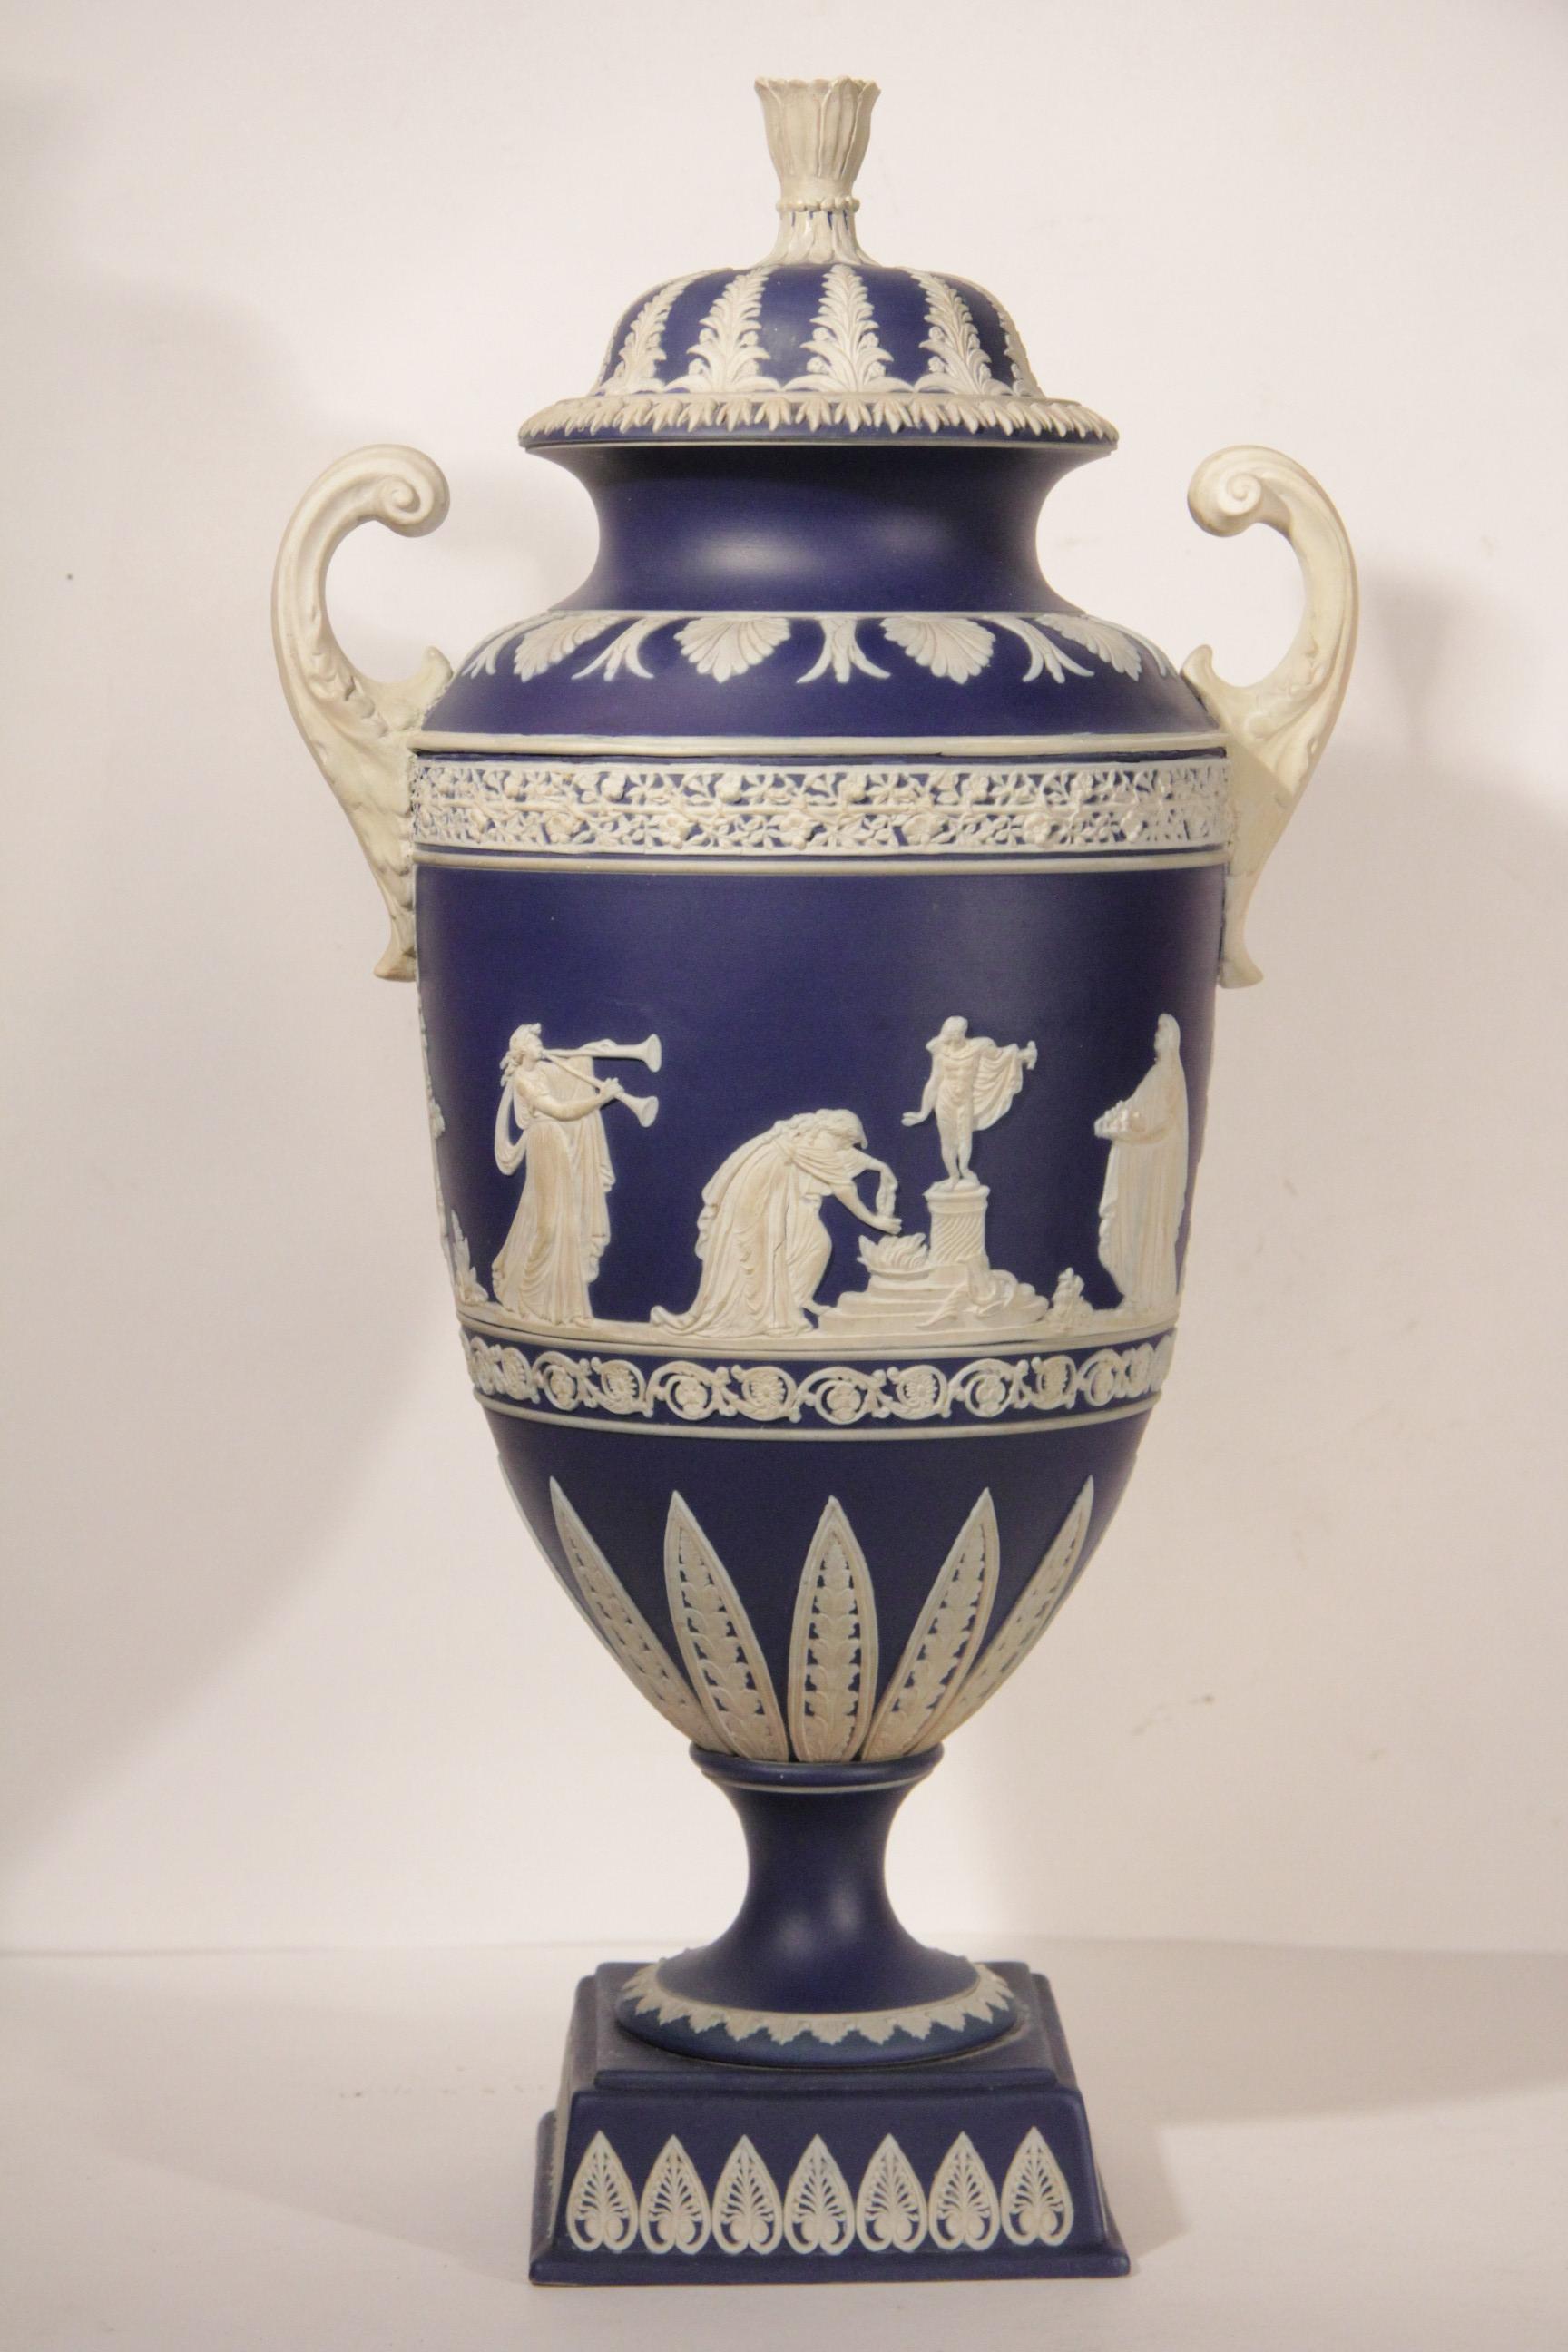 старинная фарфоровая ваза фабрики Веджвуд